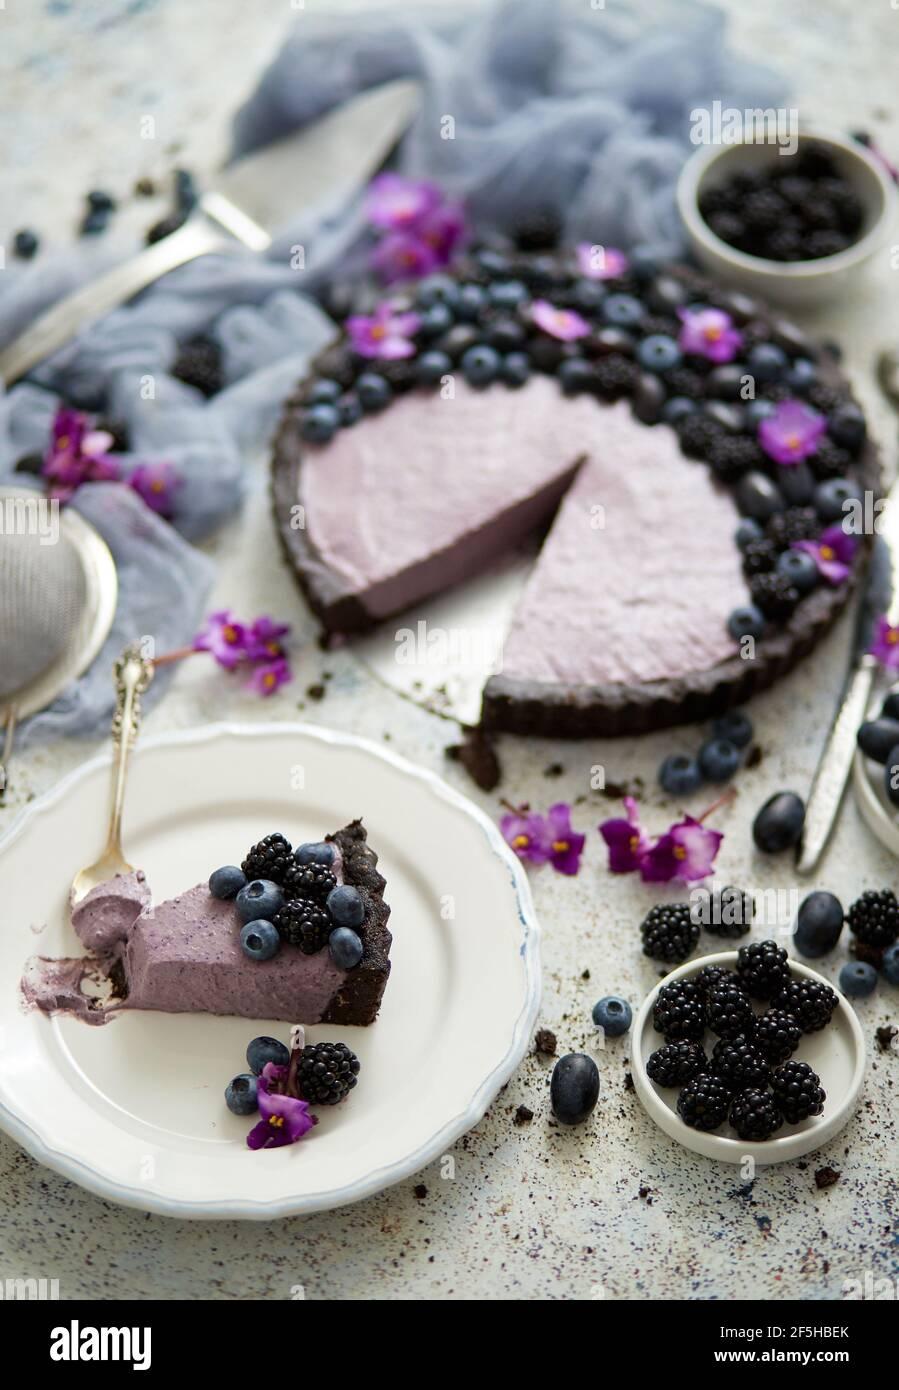 Plato con un pedazo casero de delicioso arándanos, mora y tarta de uva servida en la mesa Foto de stock